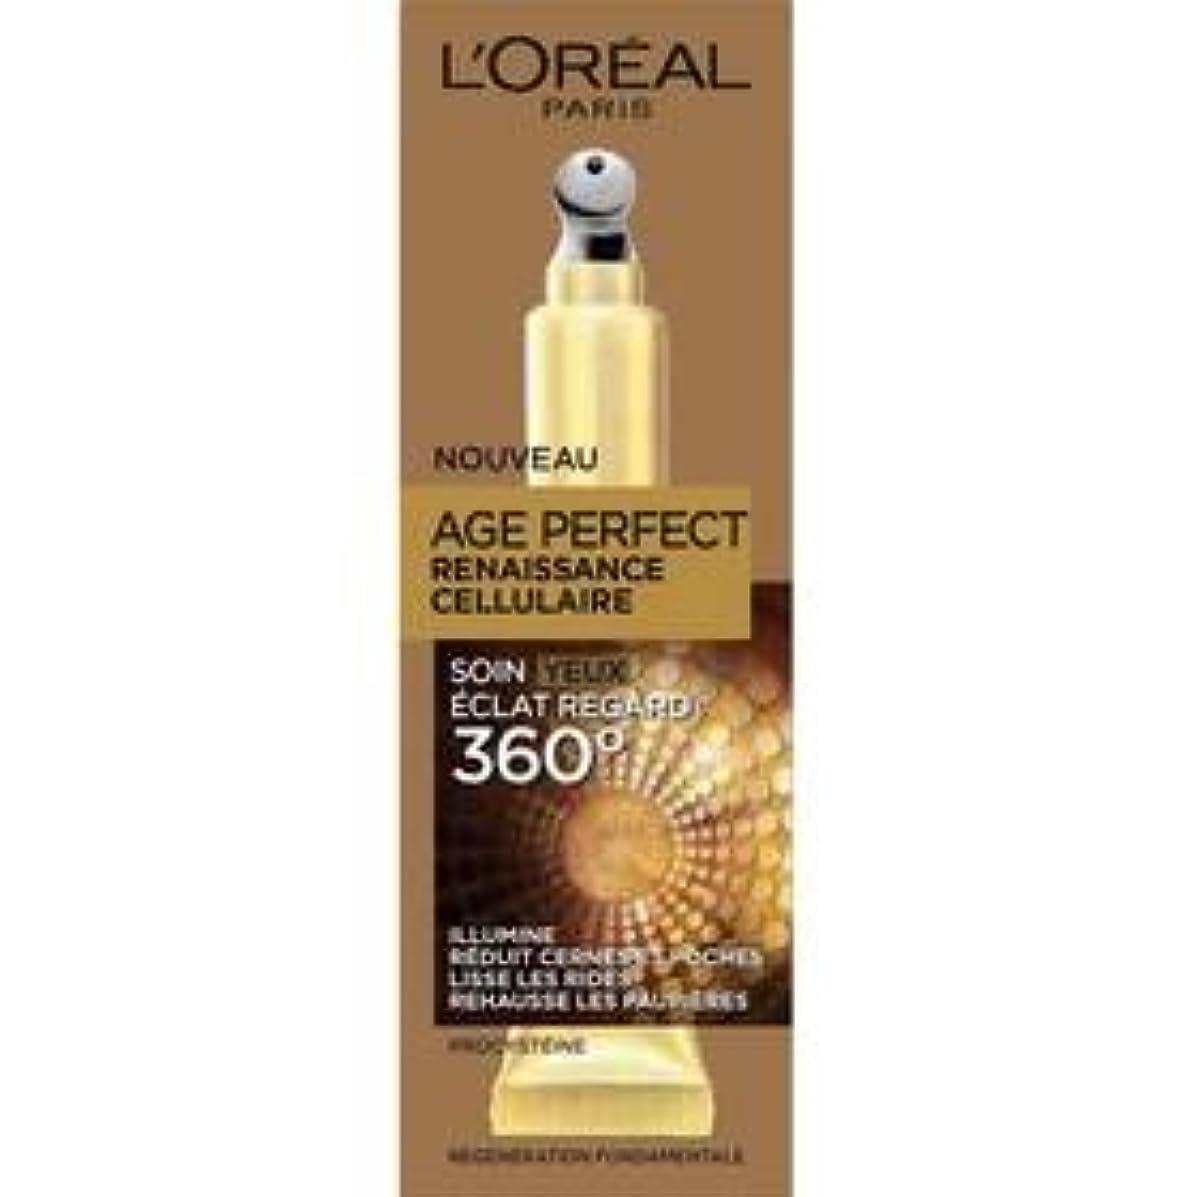 イタリックギター肯定的L'oreal age perfect soin yeux renaissance cellulaire 360° 15ml- (for multi-item order extra postage cost will...